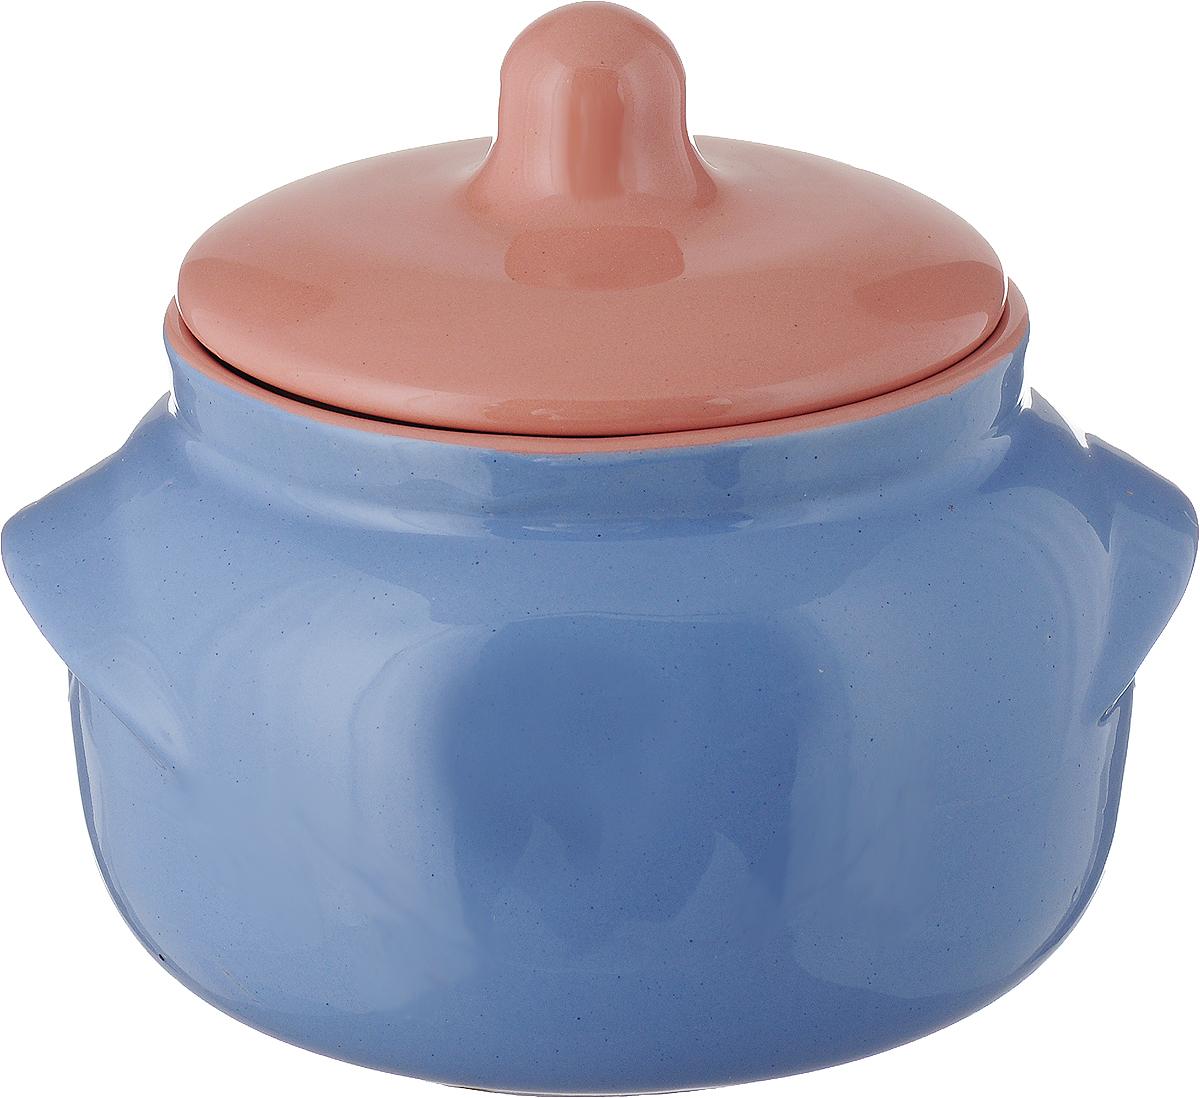 Горшочек для запекания Борисовская керамика Новарусса, цвет: голубой, розовый, 500 мл горшочек для жаркого борисовская керамика русский мрамор